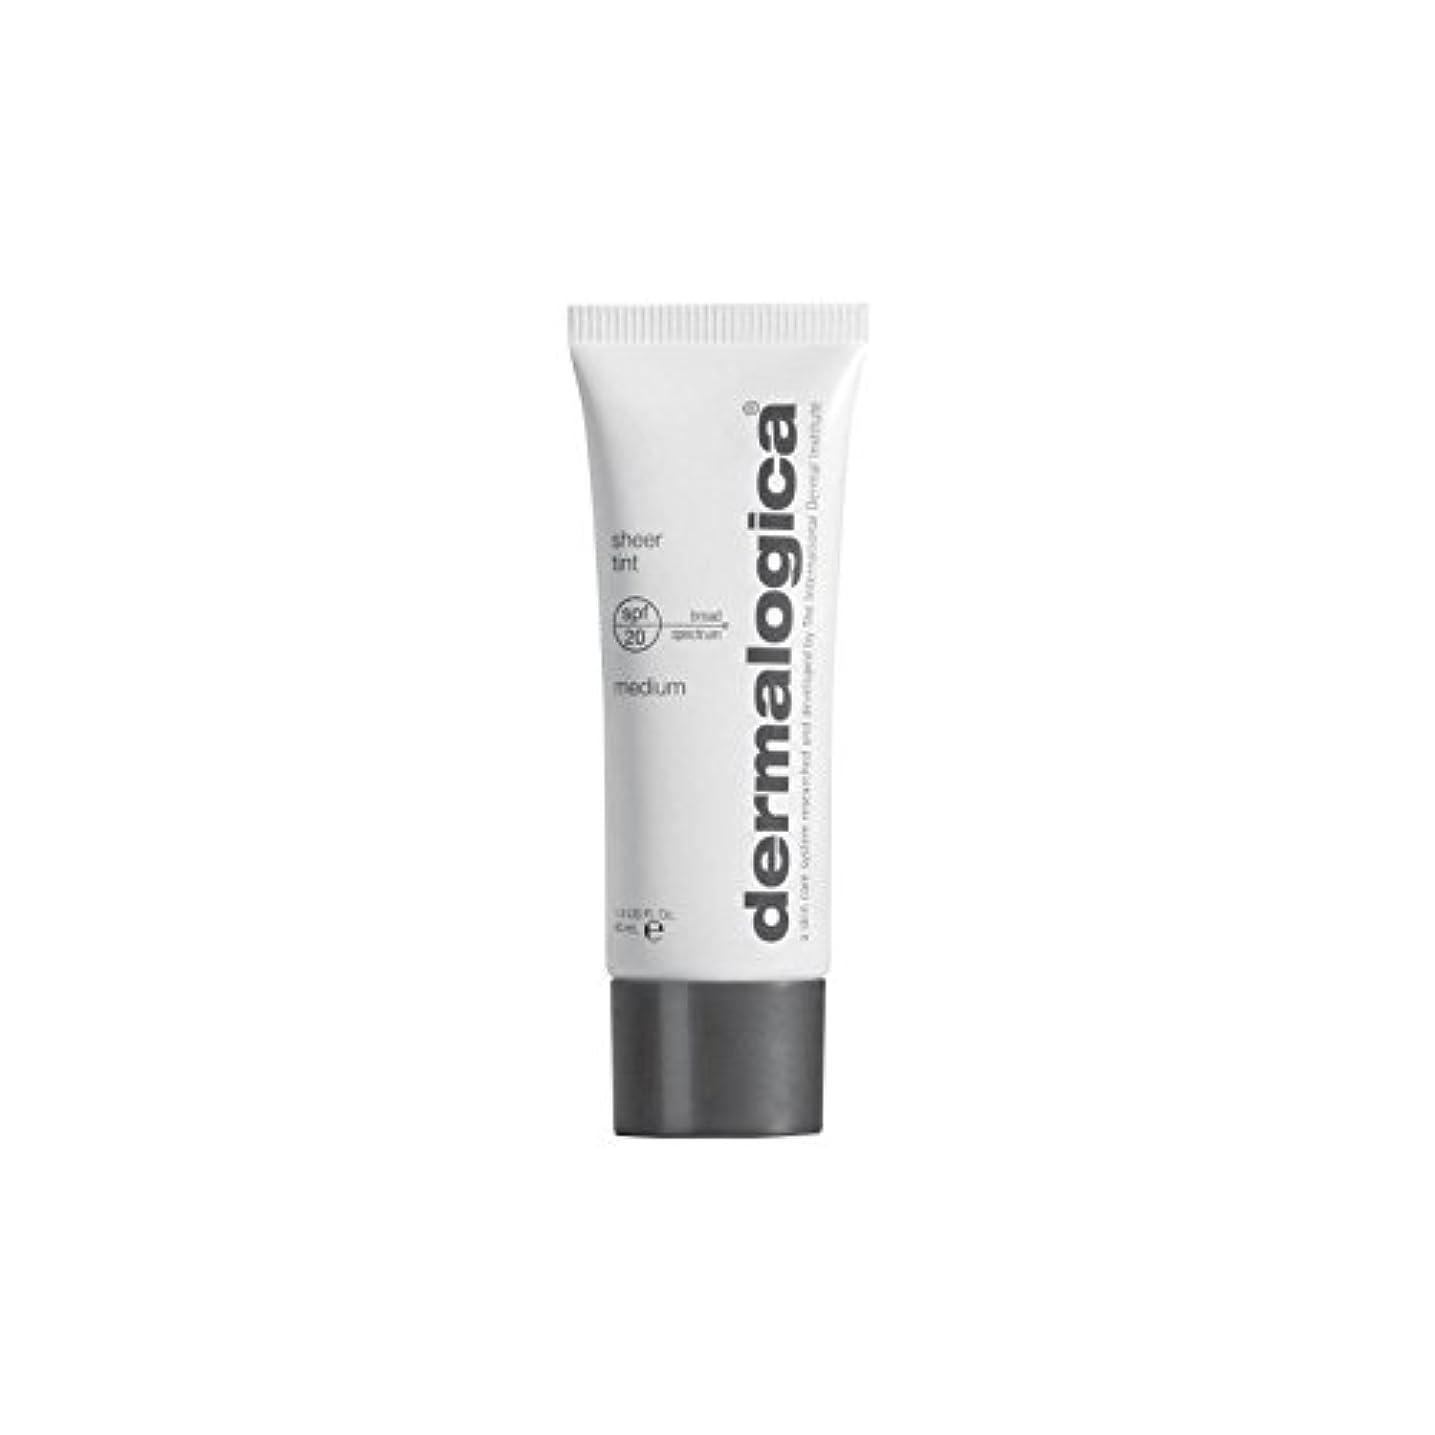 ダーマロジカシアーティント 20-メディア x2 - Dermalogica Sheer Tint Spf 20- Medium (Pack of 2) [並行輸入品]